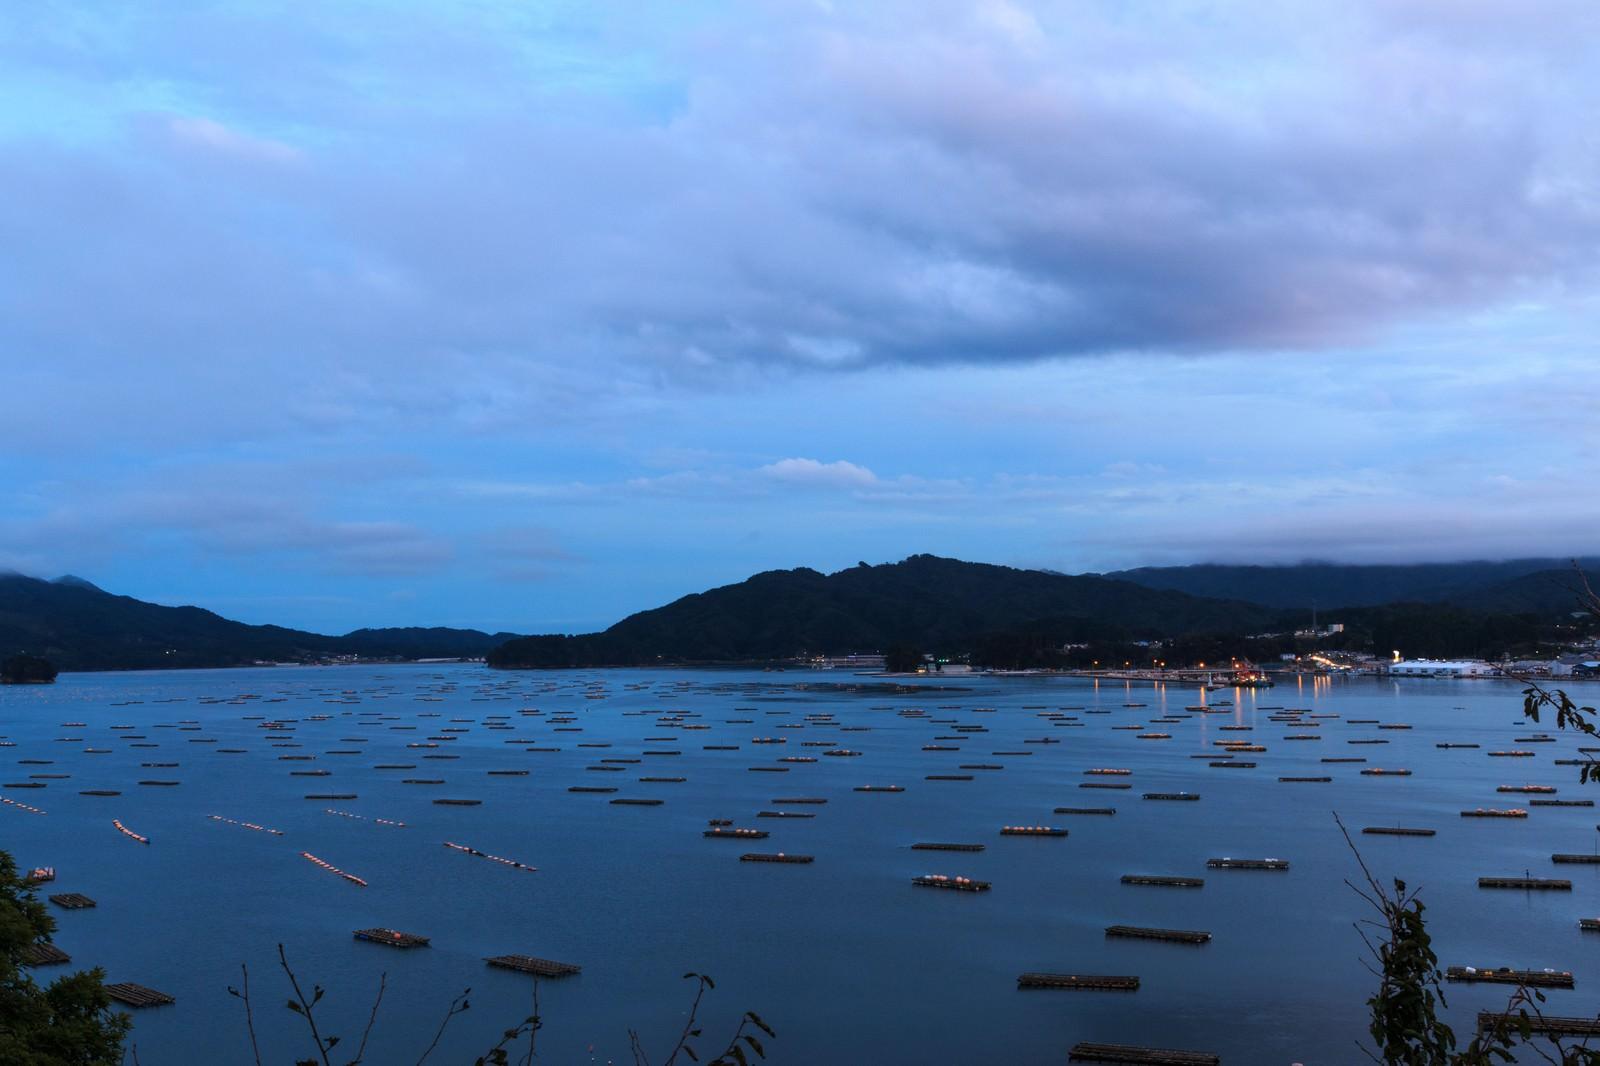 「牡蠣の養殖筏牡蠣の養殖筏」のフリー写真素材を拡大